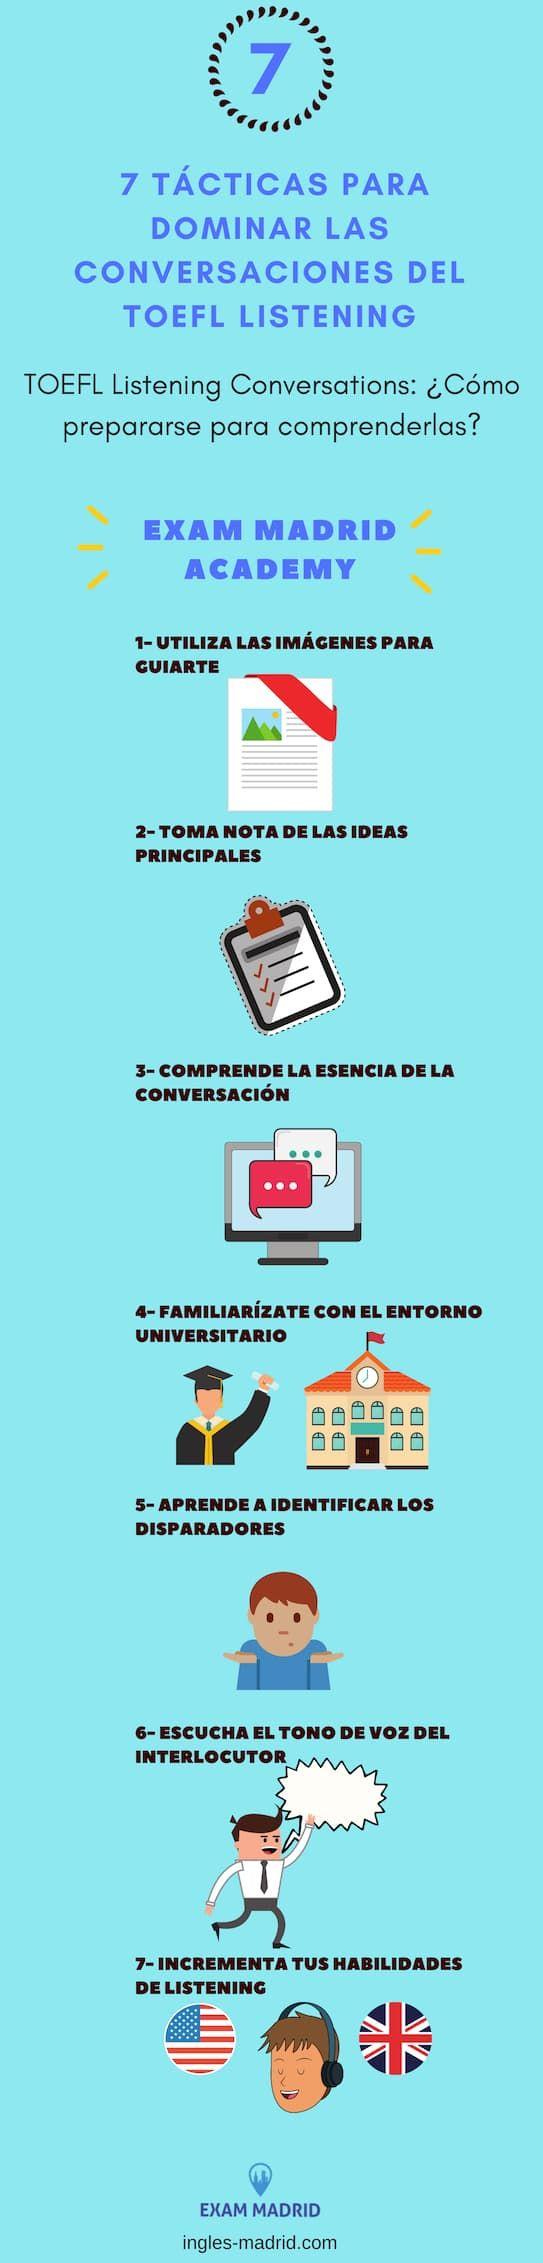 7 Tácticas Para Dominar Las Conversaciones Del Toefl Listening Academia De Ingles Conversaciones Dominada